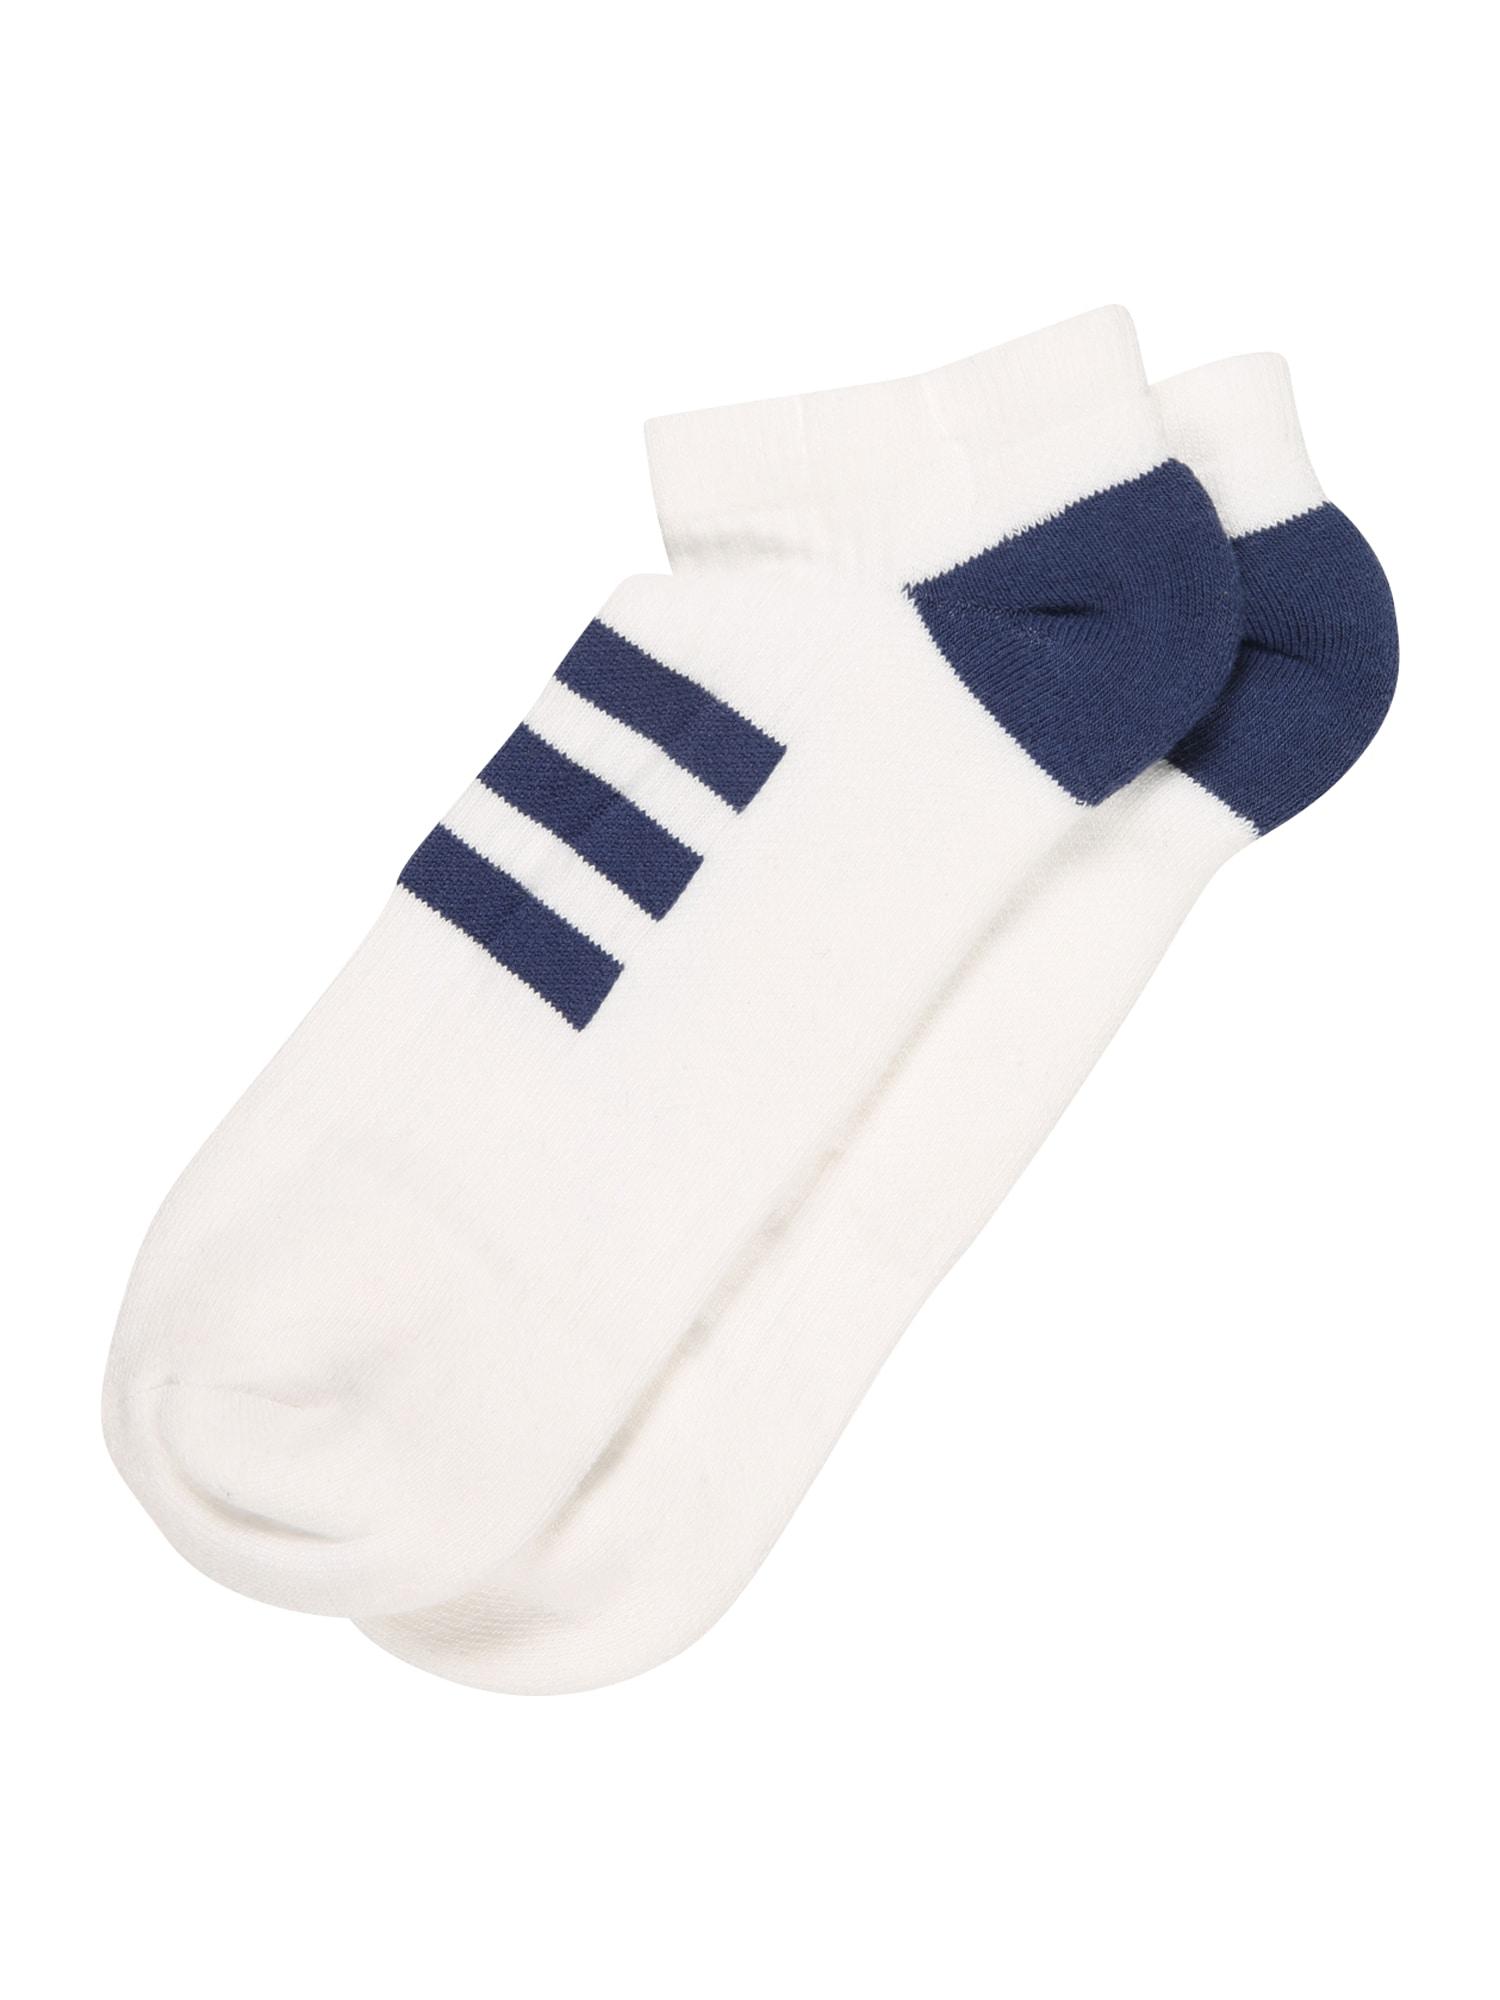 adidas Golf Sportinės kojinės balta / nakties mėlyna